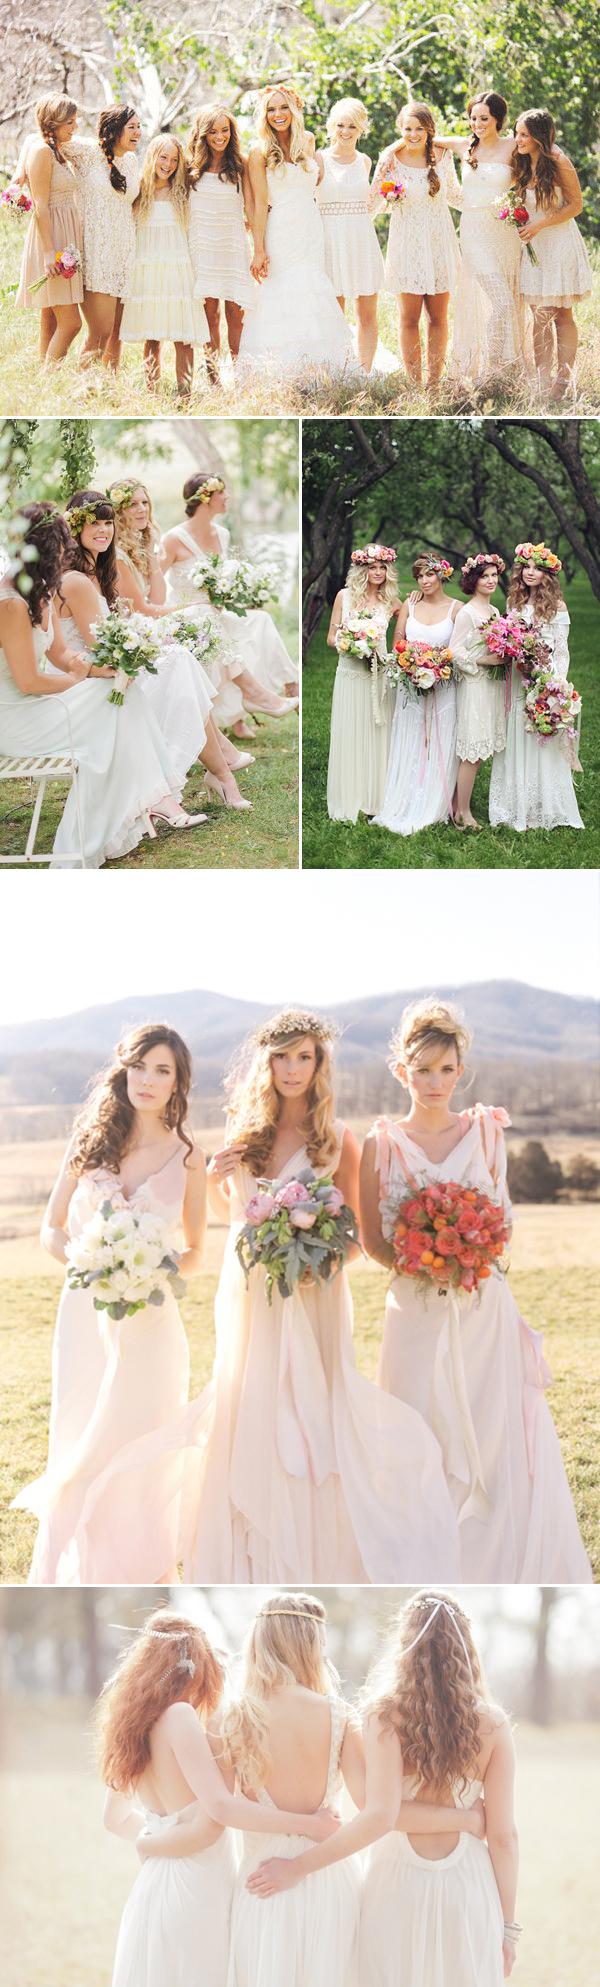 bridesmaid02-ivoryboho